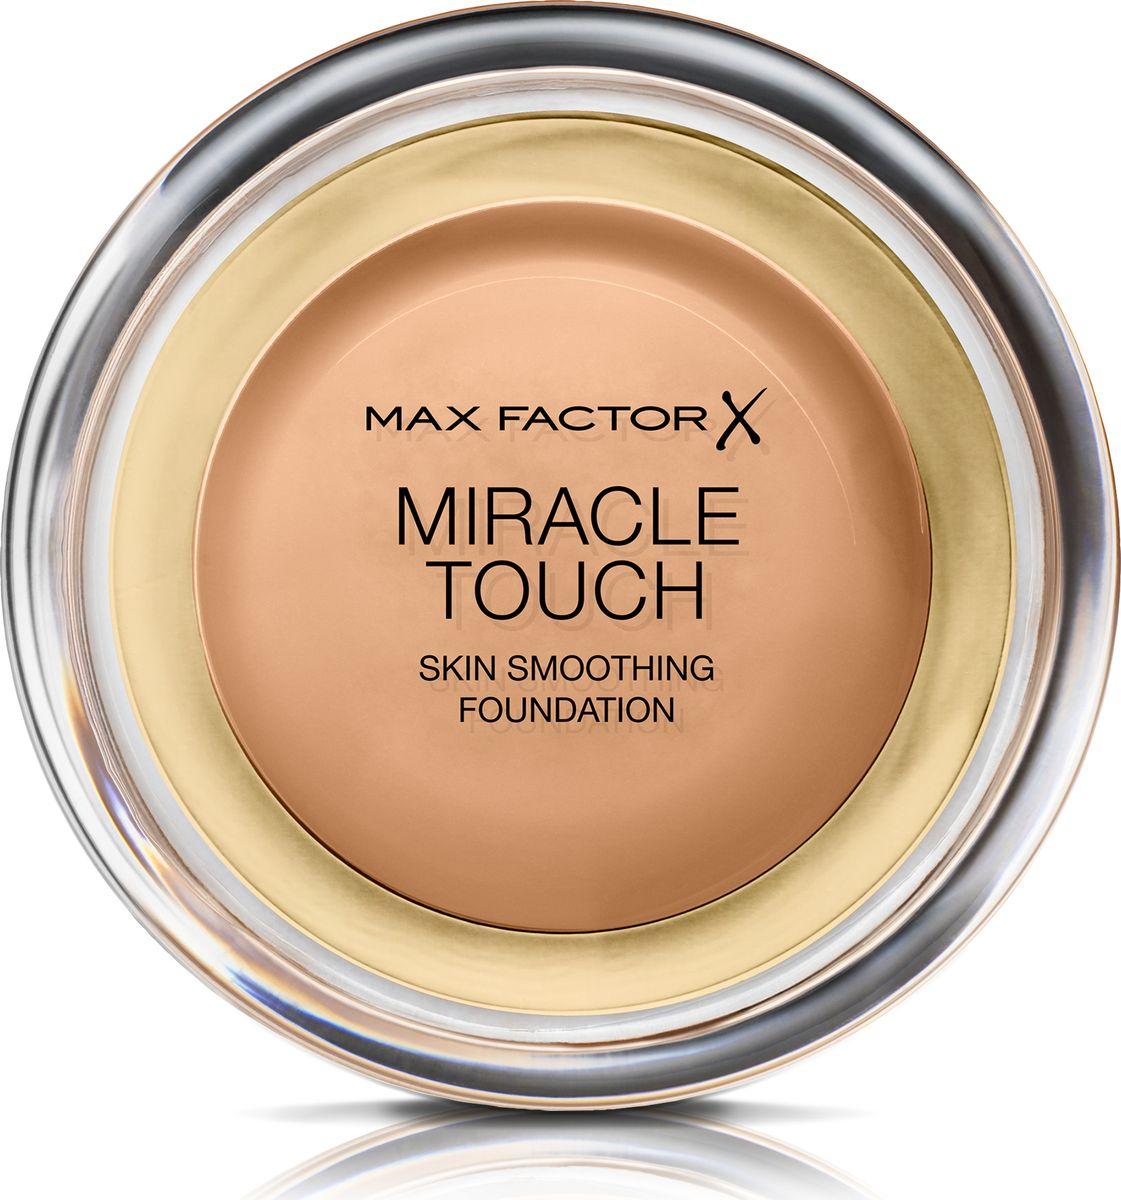 Max Factor Тональная Основа Miracle Touch Тон 80 bronze 11,5 гр002722Уникальная универсальная тональная основа MaxFactorMiracleTouch обладает кремообразной формулой, благодаря которой превосходно подготовить кожу для макияжа очень легко. Всего один слой без необходимости нанесения консилера или пудры. Легкая твердая тональная основа тает в руках и гладко наносится на кожу, создавая идеальное, безупречно блестящее и равномерное покрытие, не слишком прозрачное и не слишком плотное. В результате кожа выглядит свежей, необычайно ровной и приобретает сияние. Чтобы создать безупречное покрытие, можно нанести всего один легкий слой тональной основы или же сделать покрытие более плотным благодаря специальной формуле. Тональная основа подходит для всех типов кожи, включая чувствительную кожу, и не вызывает угревой сыпи, так как не закупоривает поры. Спонж в комплекте для простого и аккуратного нанесения где угодно.Идеальное покрытие в один слой- консилер и пудра не нужны. Умеренное или плотное покрытие благодаря специальной формуле. Не вызывает угревую сыпь и не закупоривает поры. Дерматологически протестировано, подходит для чувствительной кожи.Удобная компактная форма, которую легко держать в руках, со спонжем для быстрого и простого нанесения. Идеальный оттенок должен соответствовать тону кожи на линии подбородка. Для получения наиболее профессионального результата с помощью спонжа, входящего в комплект, нанеси тональную основу MiracleTouchLiquidIllusion и распредели ее от центра лица к краям. Чтобы скрыть темные круги и недостатки кожи, наноси основу краем спонжа. Всегда наноси продукт при ярком дневном освещении.